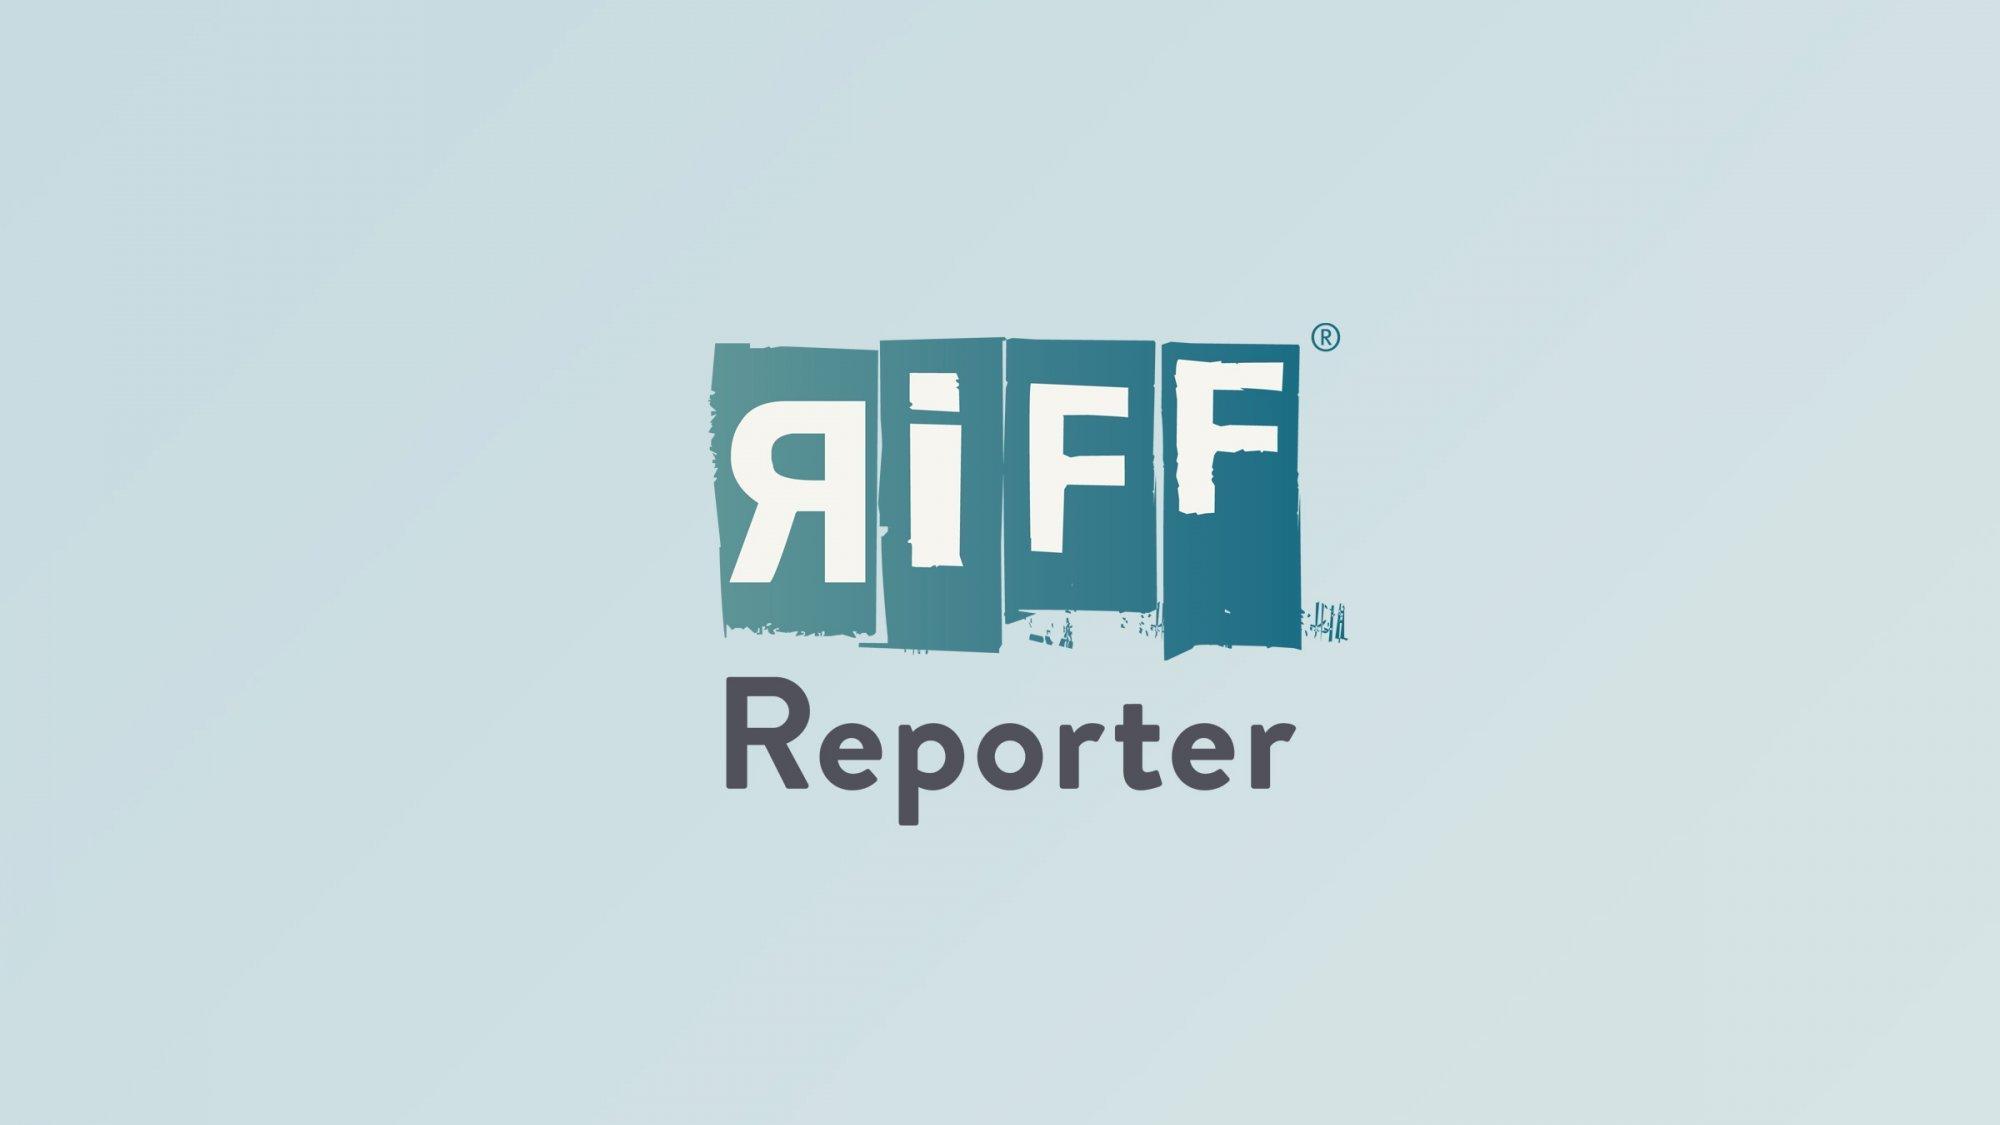 Das Bild zeigt einen zerstörten Regenwald, der teils gerodet, teils abgebrannt wurde.